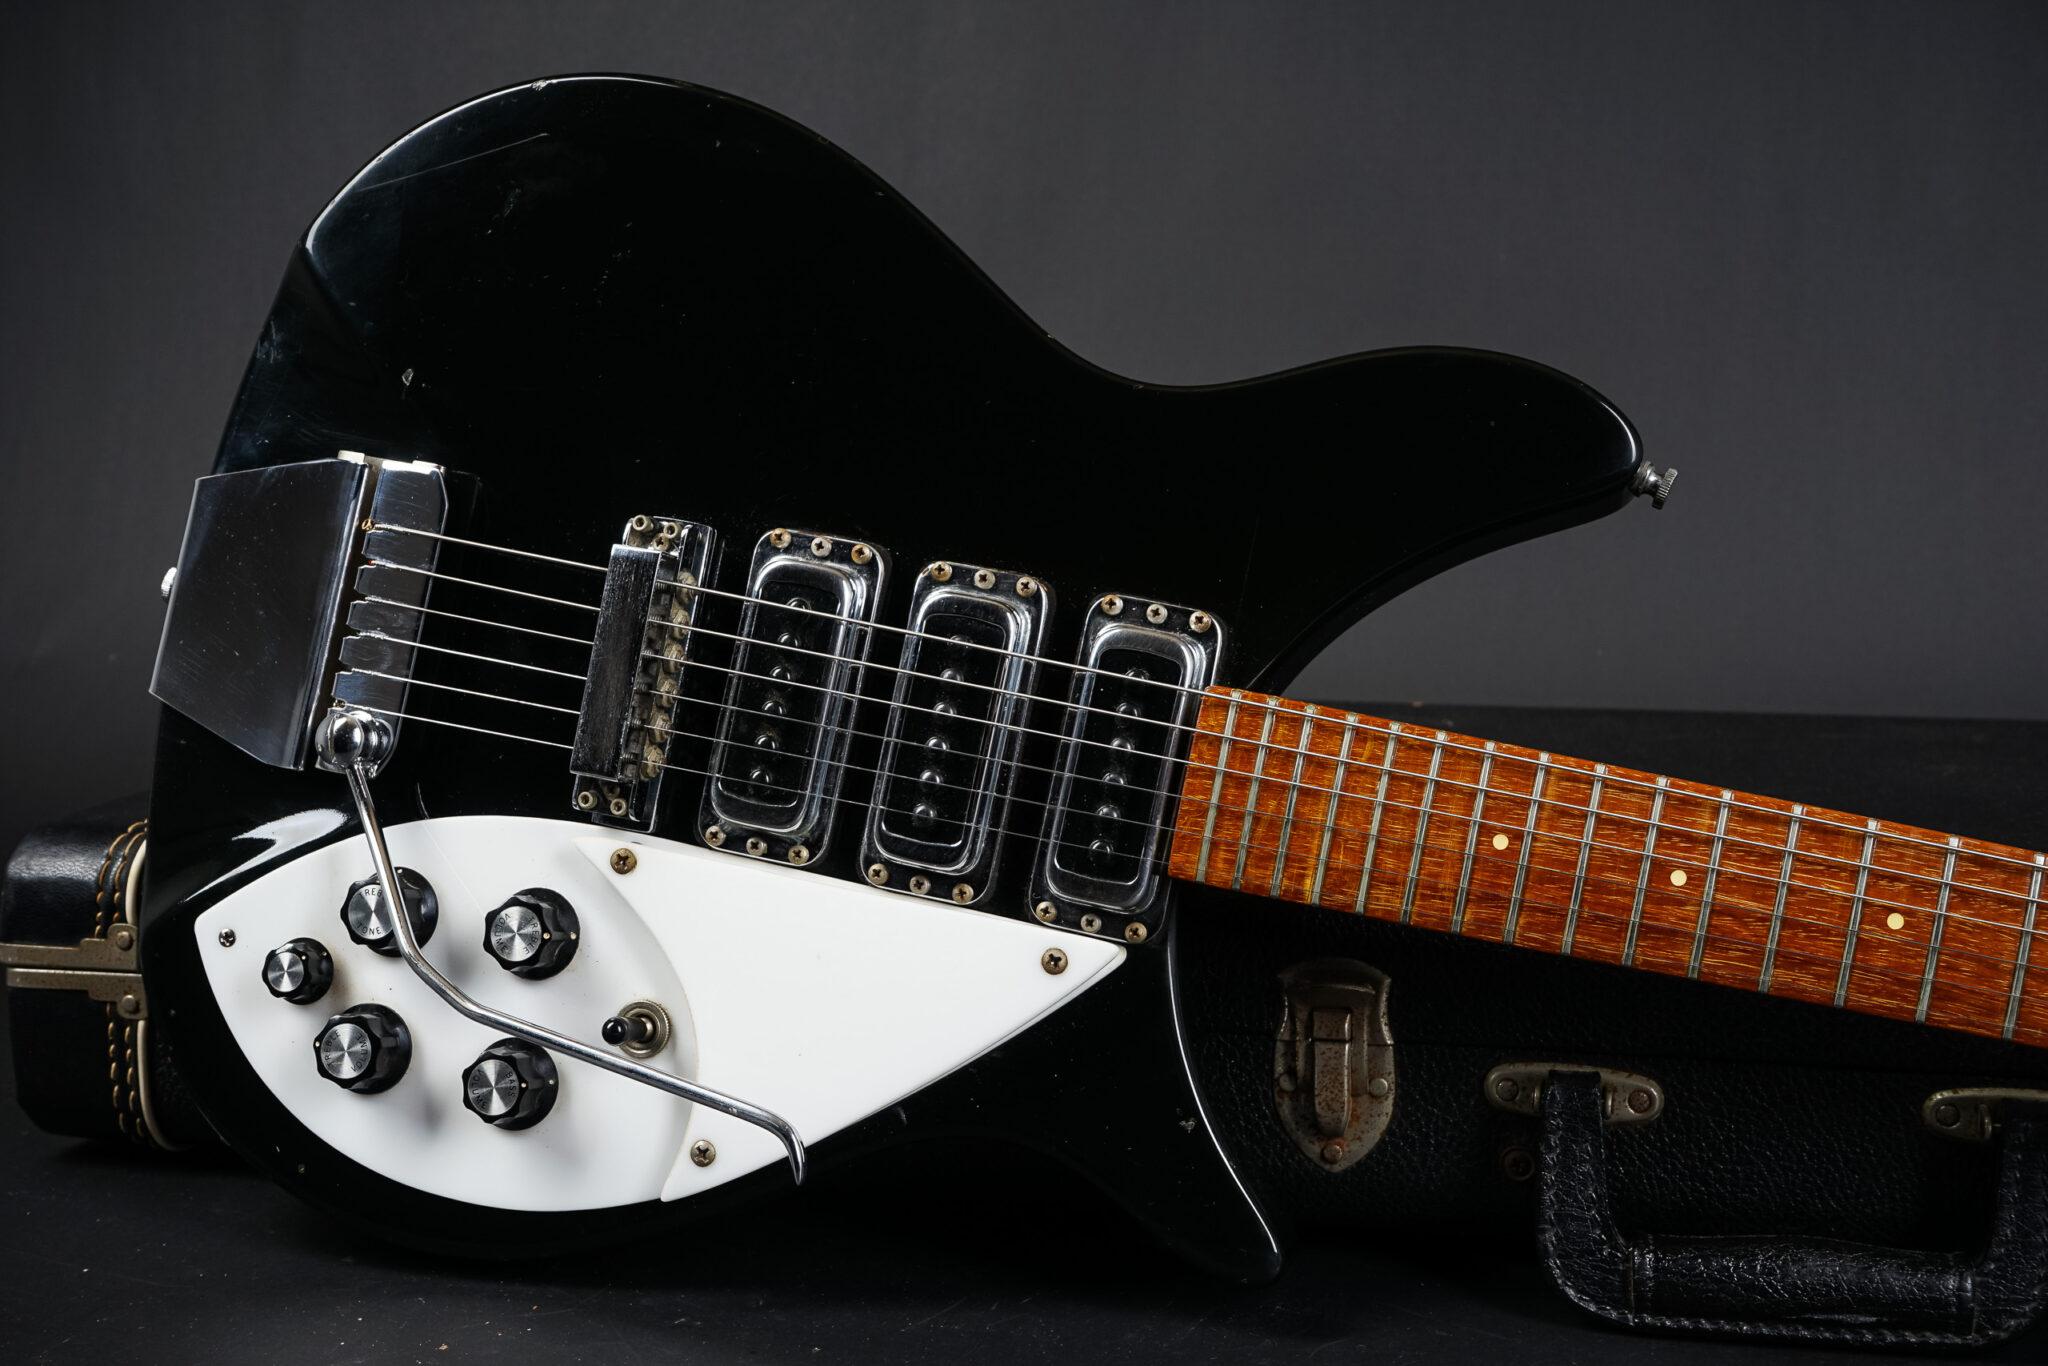 https://guitarpoint.de/app/uploads/products/1982-rickenbacker-325-jetglo/1982-Rickenbacker-320JG-VH2166-8-2048x1366.jpg